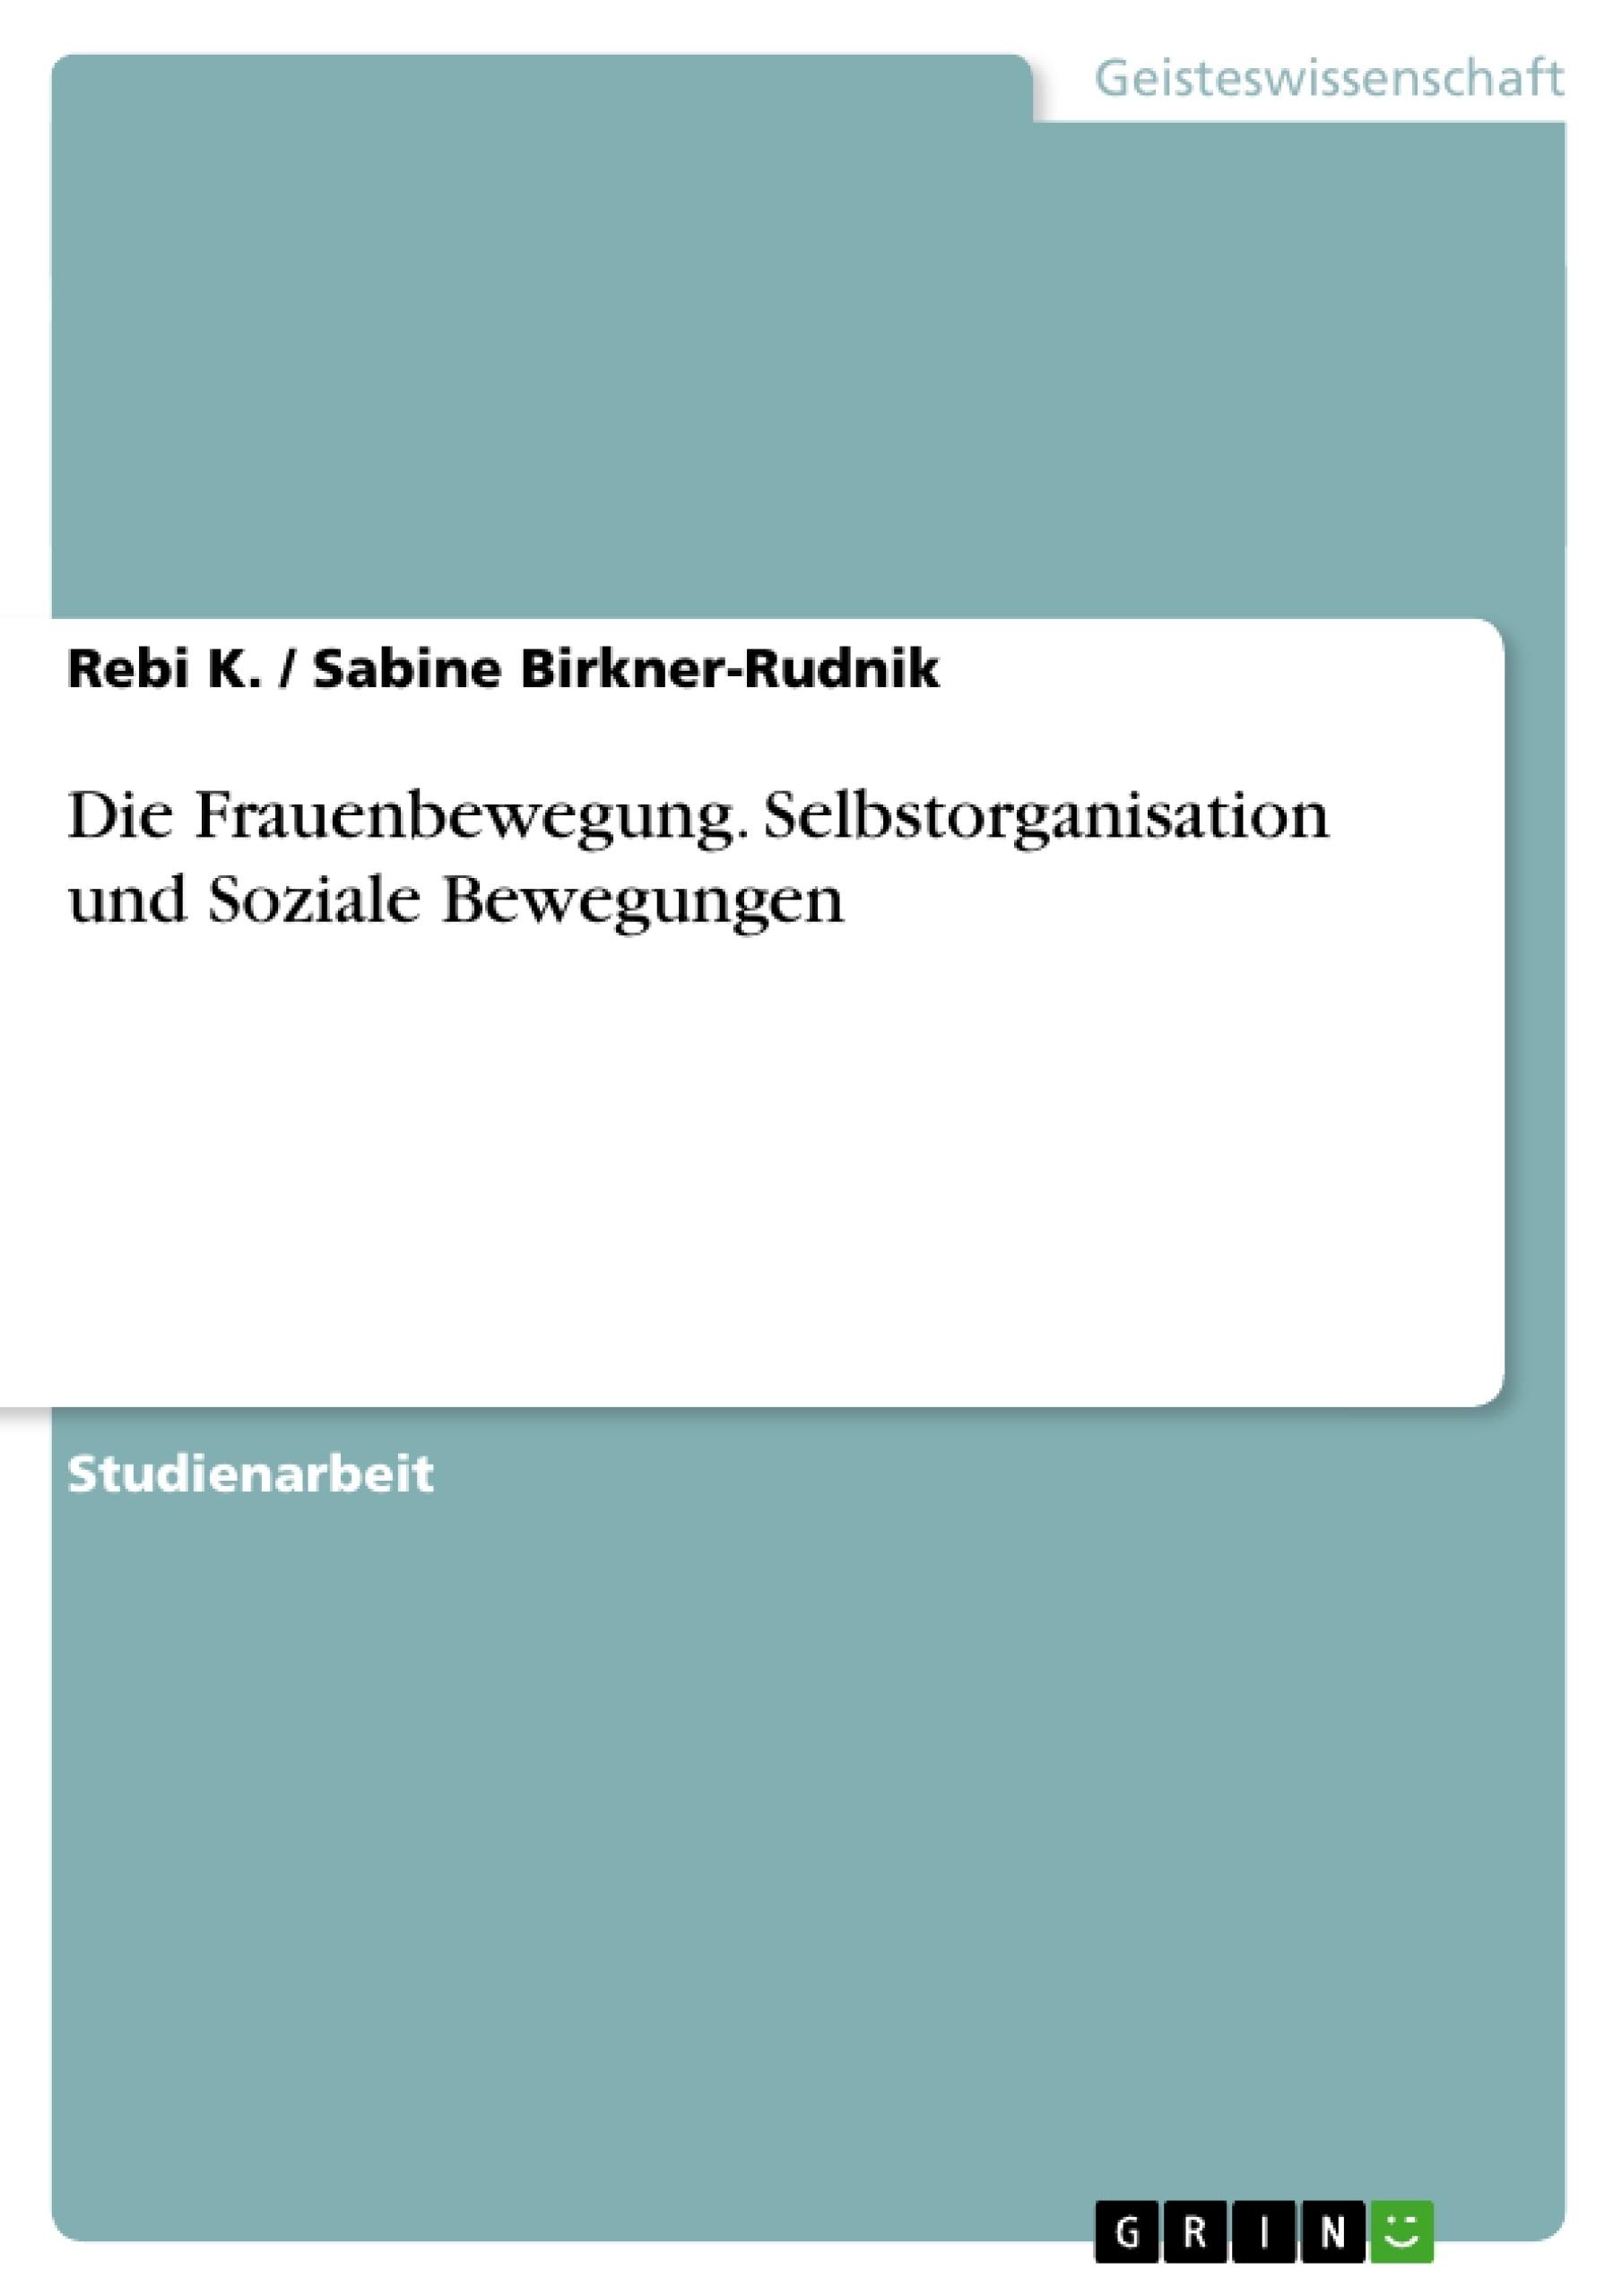 Titel: Die Frauenbewegung. Selbstorganisation und Soziale Bewegungen